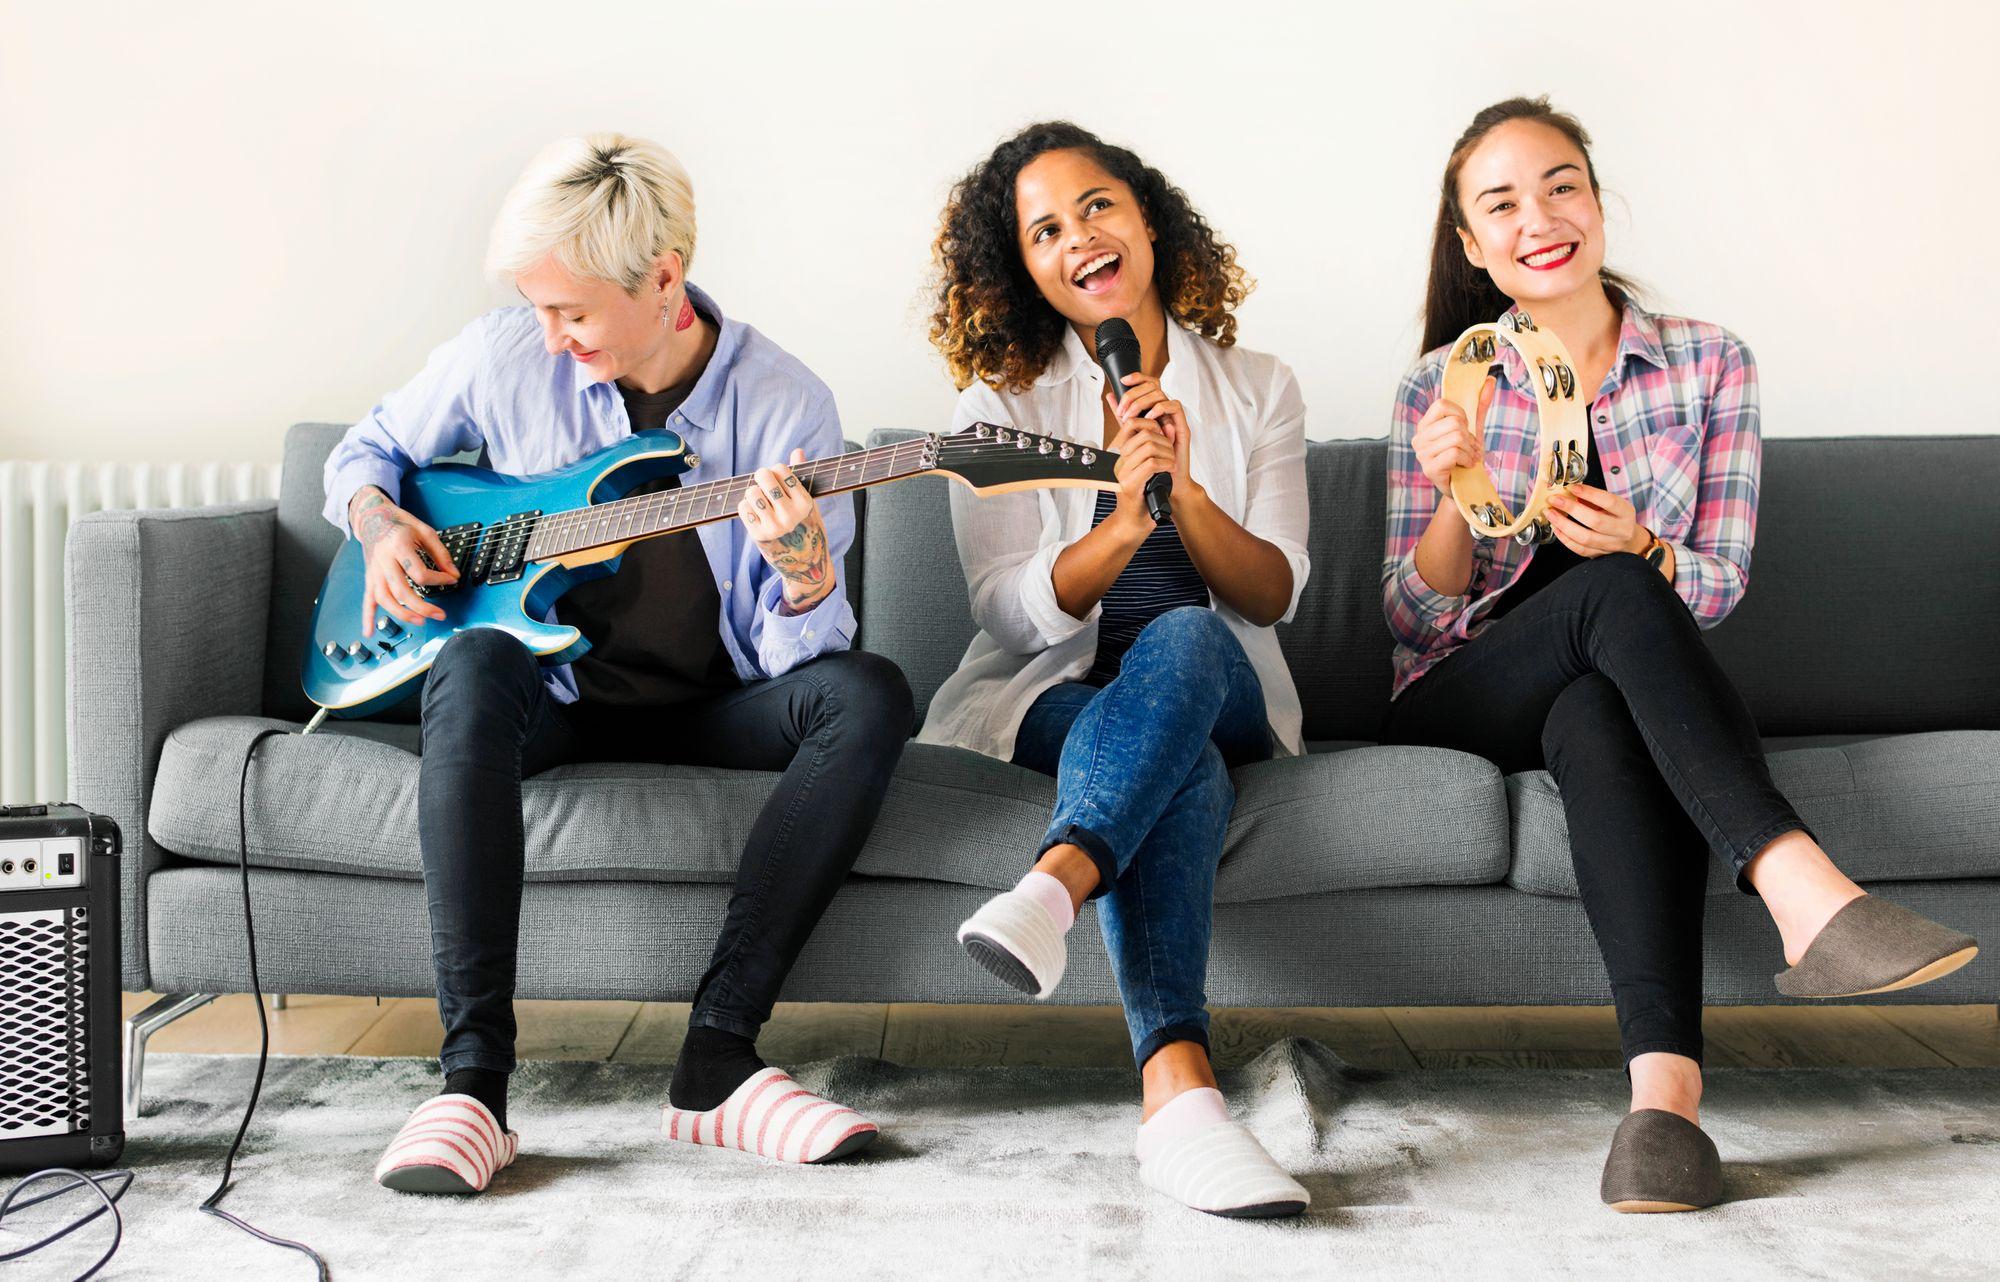 Karaoke auf dem Junggesellinnenabschied, drei Frauen singen auf einer Couch